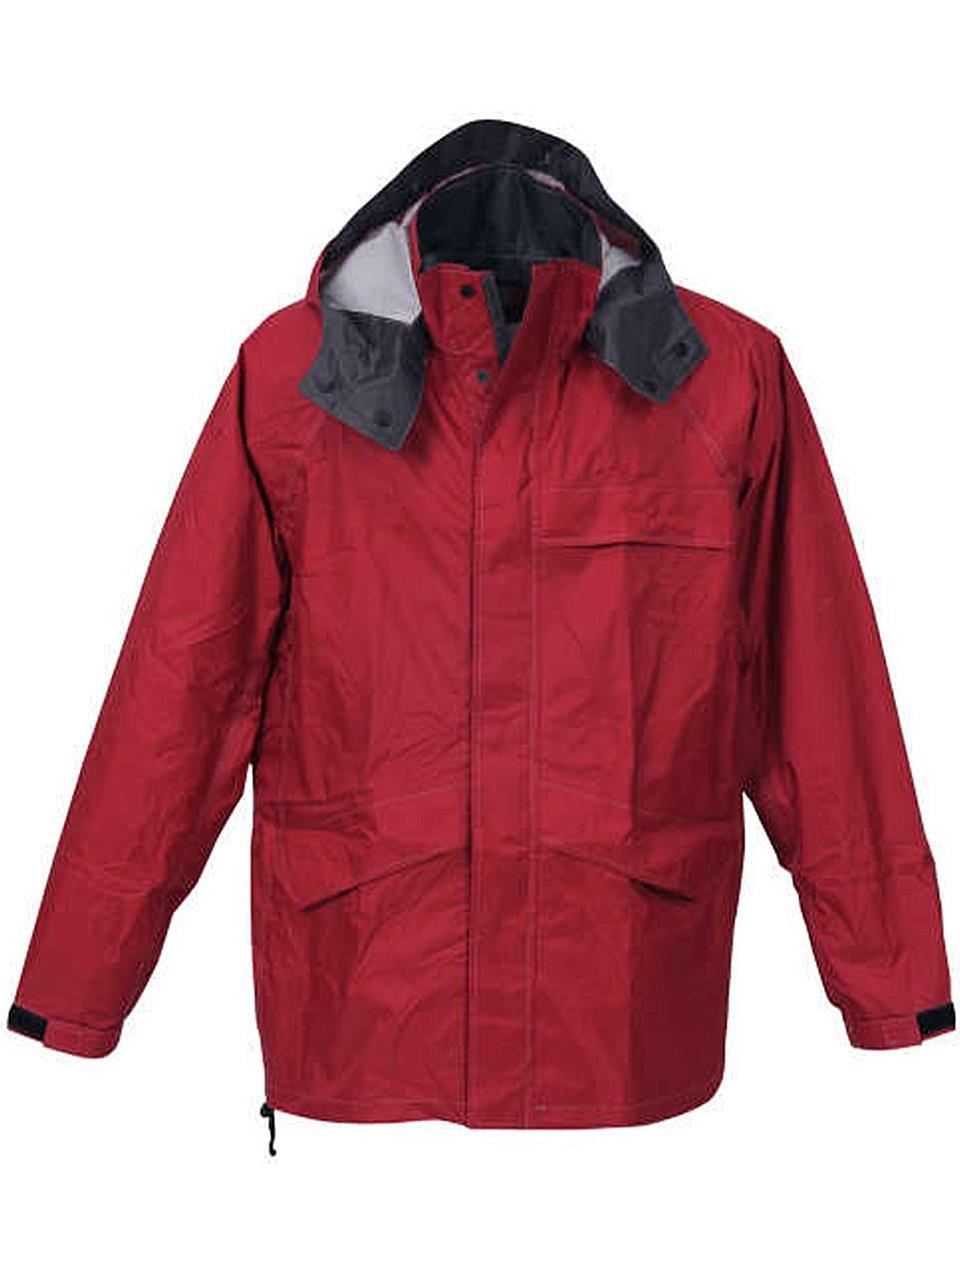 (ラグタイム セレクト) Ragtime Select 合羽 レインウエア レインジャケット 大きいサイズ メンズ 雨具 作業着 作業服 雨 C300419-01 B07CH9C6W3 5L|レッド レッド 5L